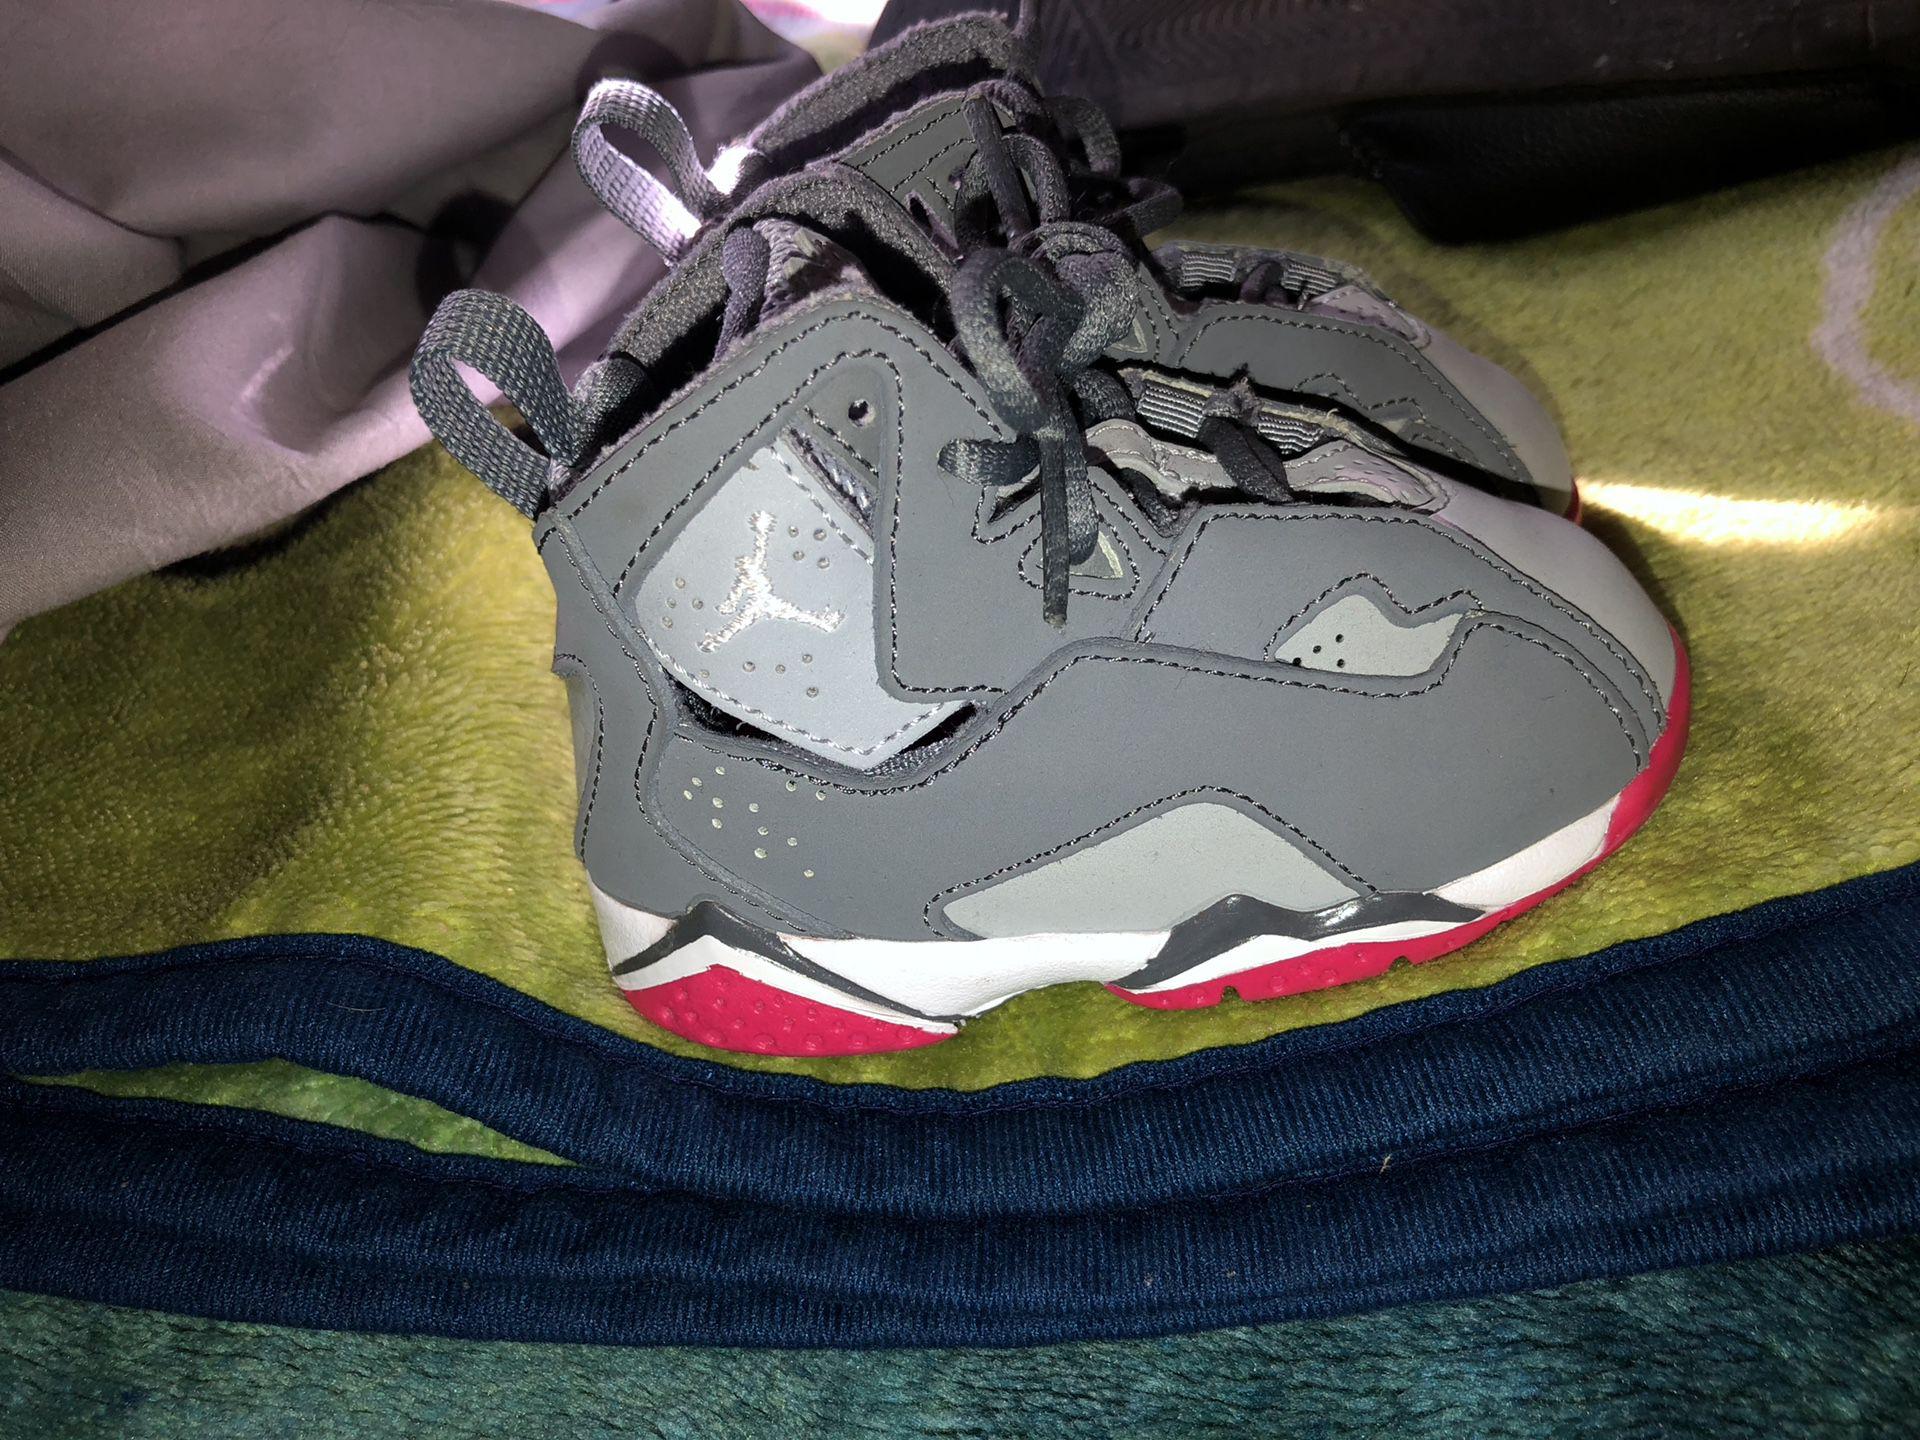 Jordan Size 5c